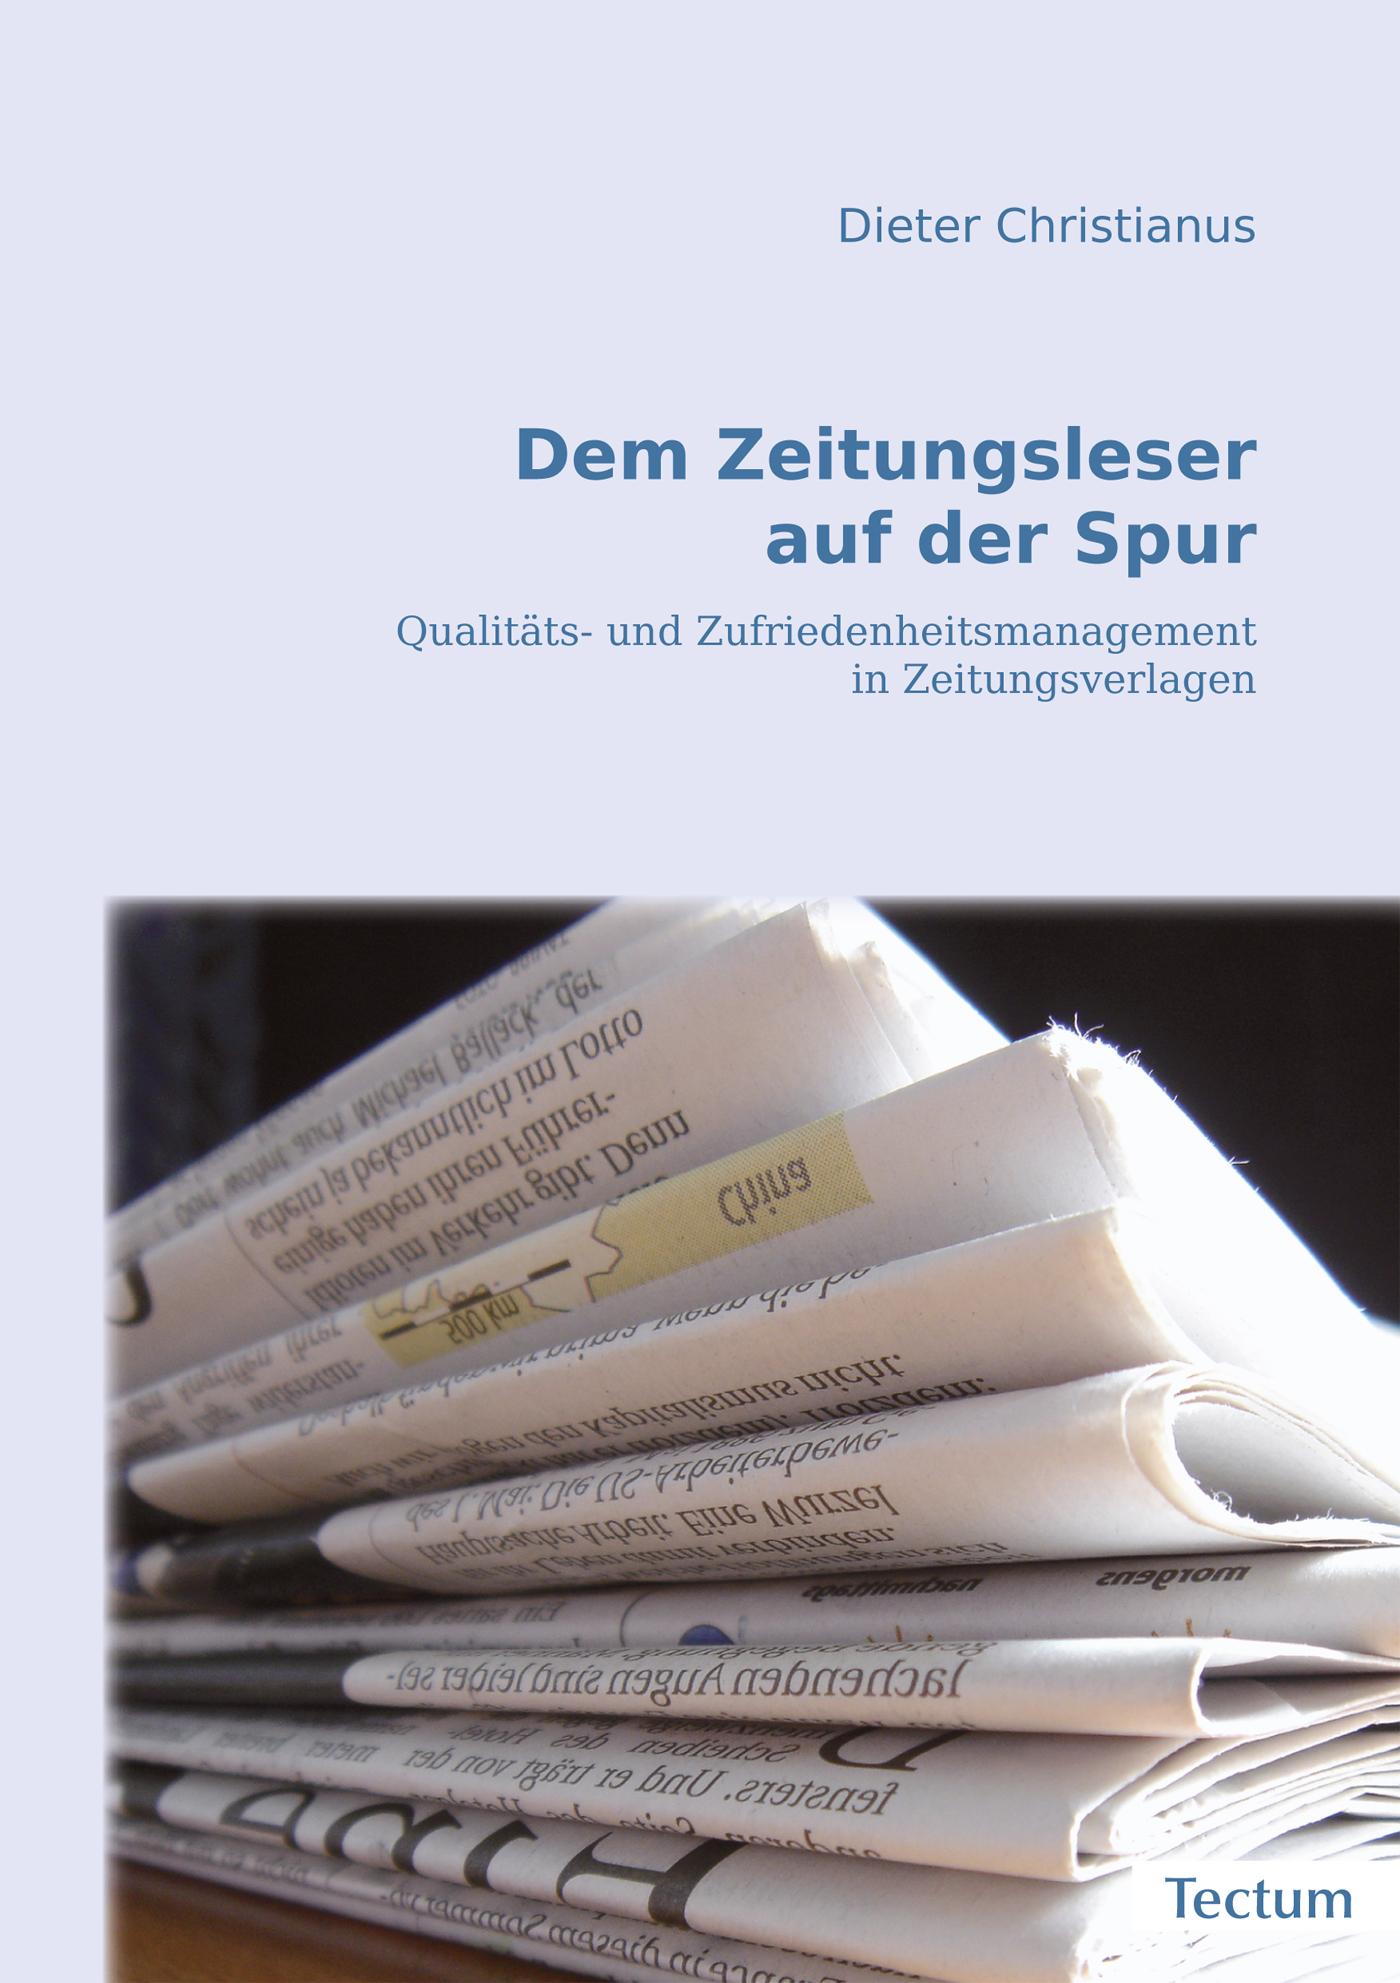 Dieter Christianus Dem Zeitungsleser auf der Spur